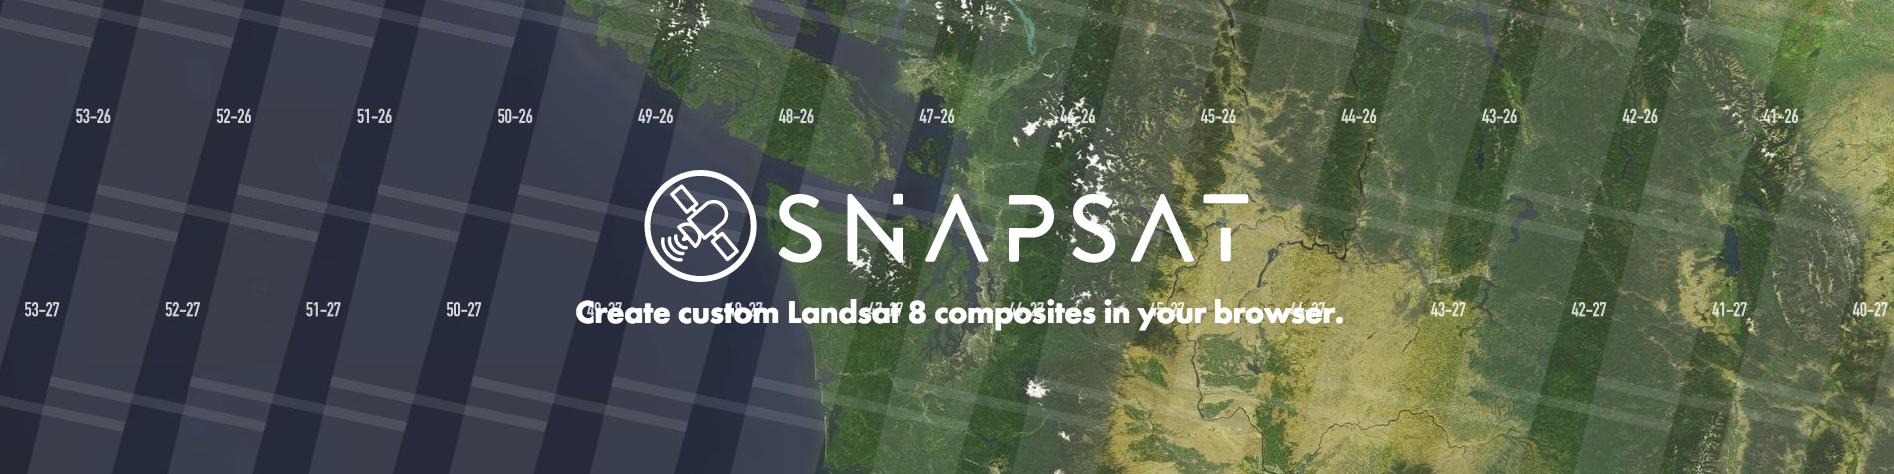 Snapsat header